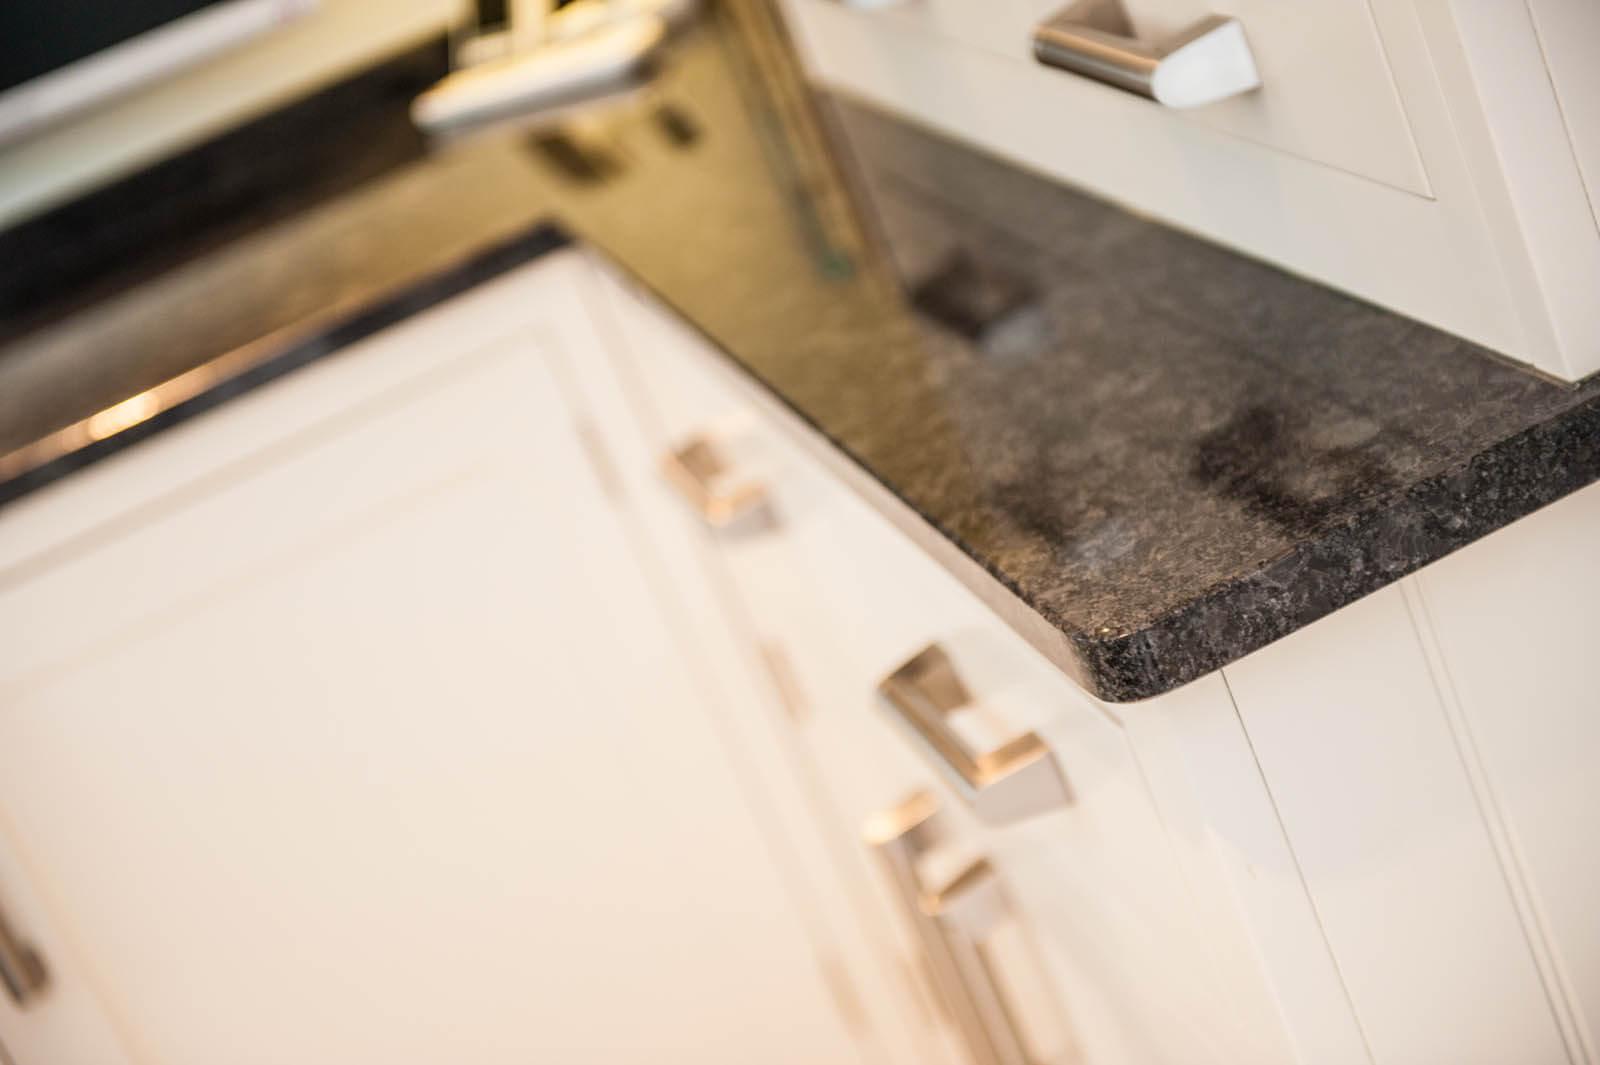 steel-grey-granite-cuckfield-sussex-kitchens-113643-a-corner-detail-dresser_1